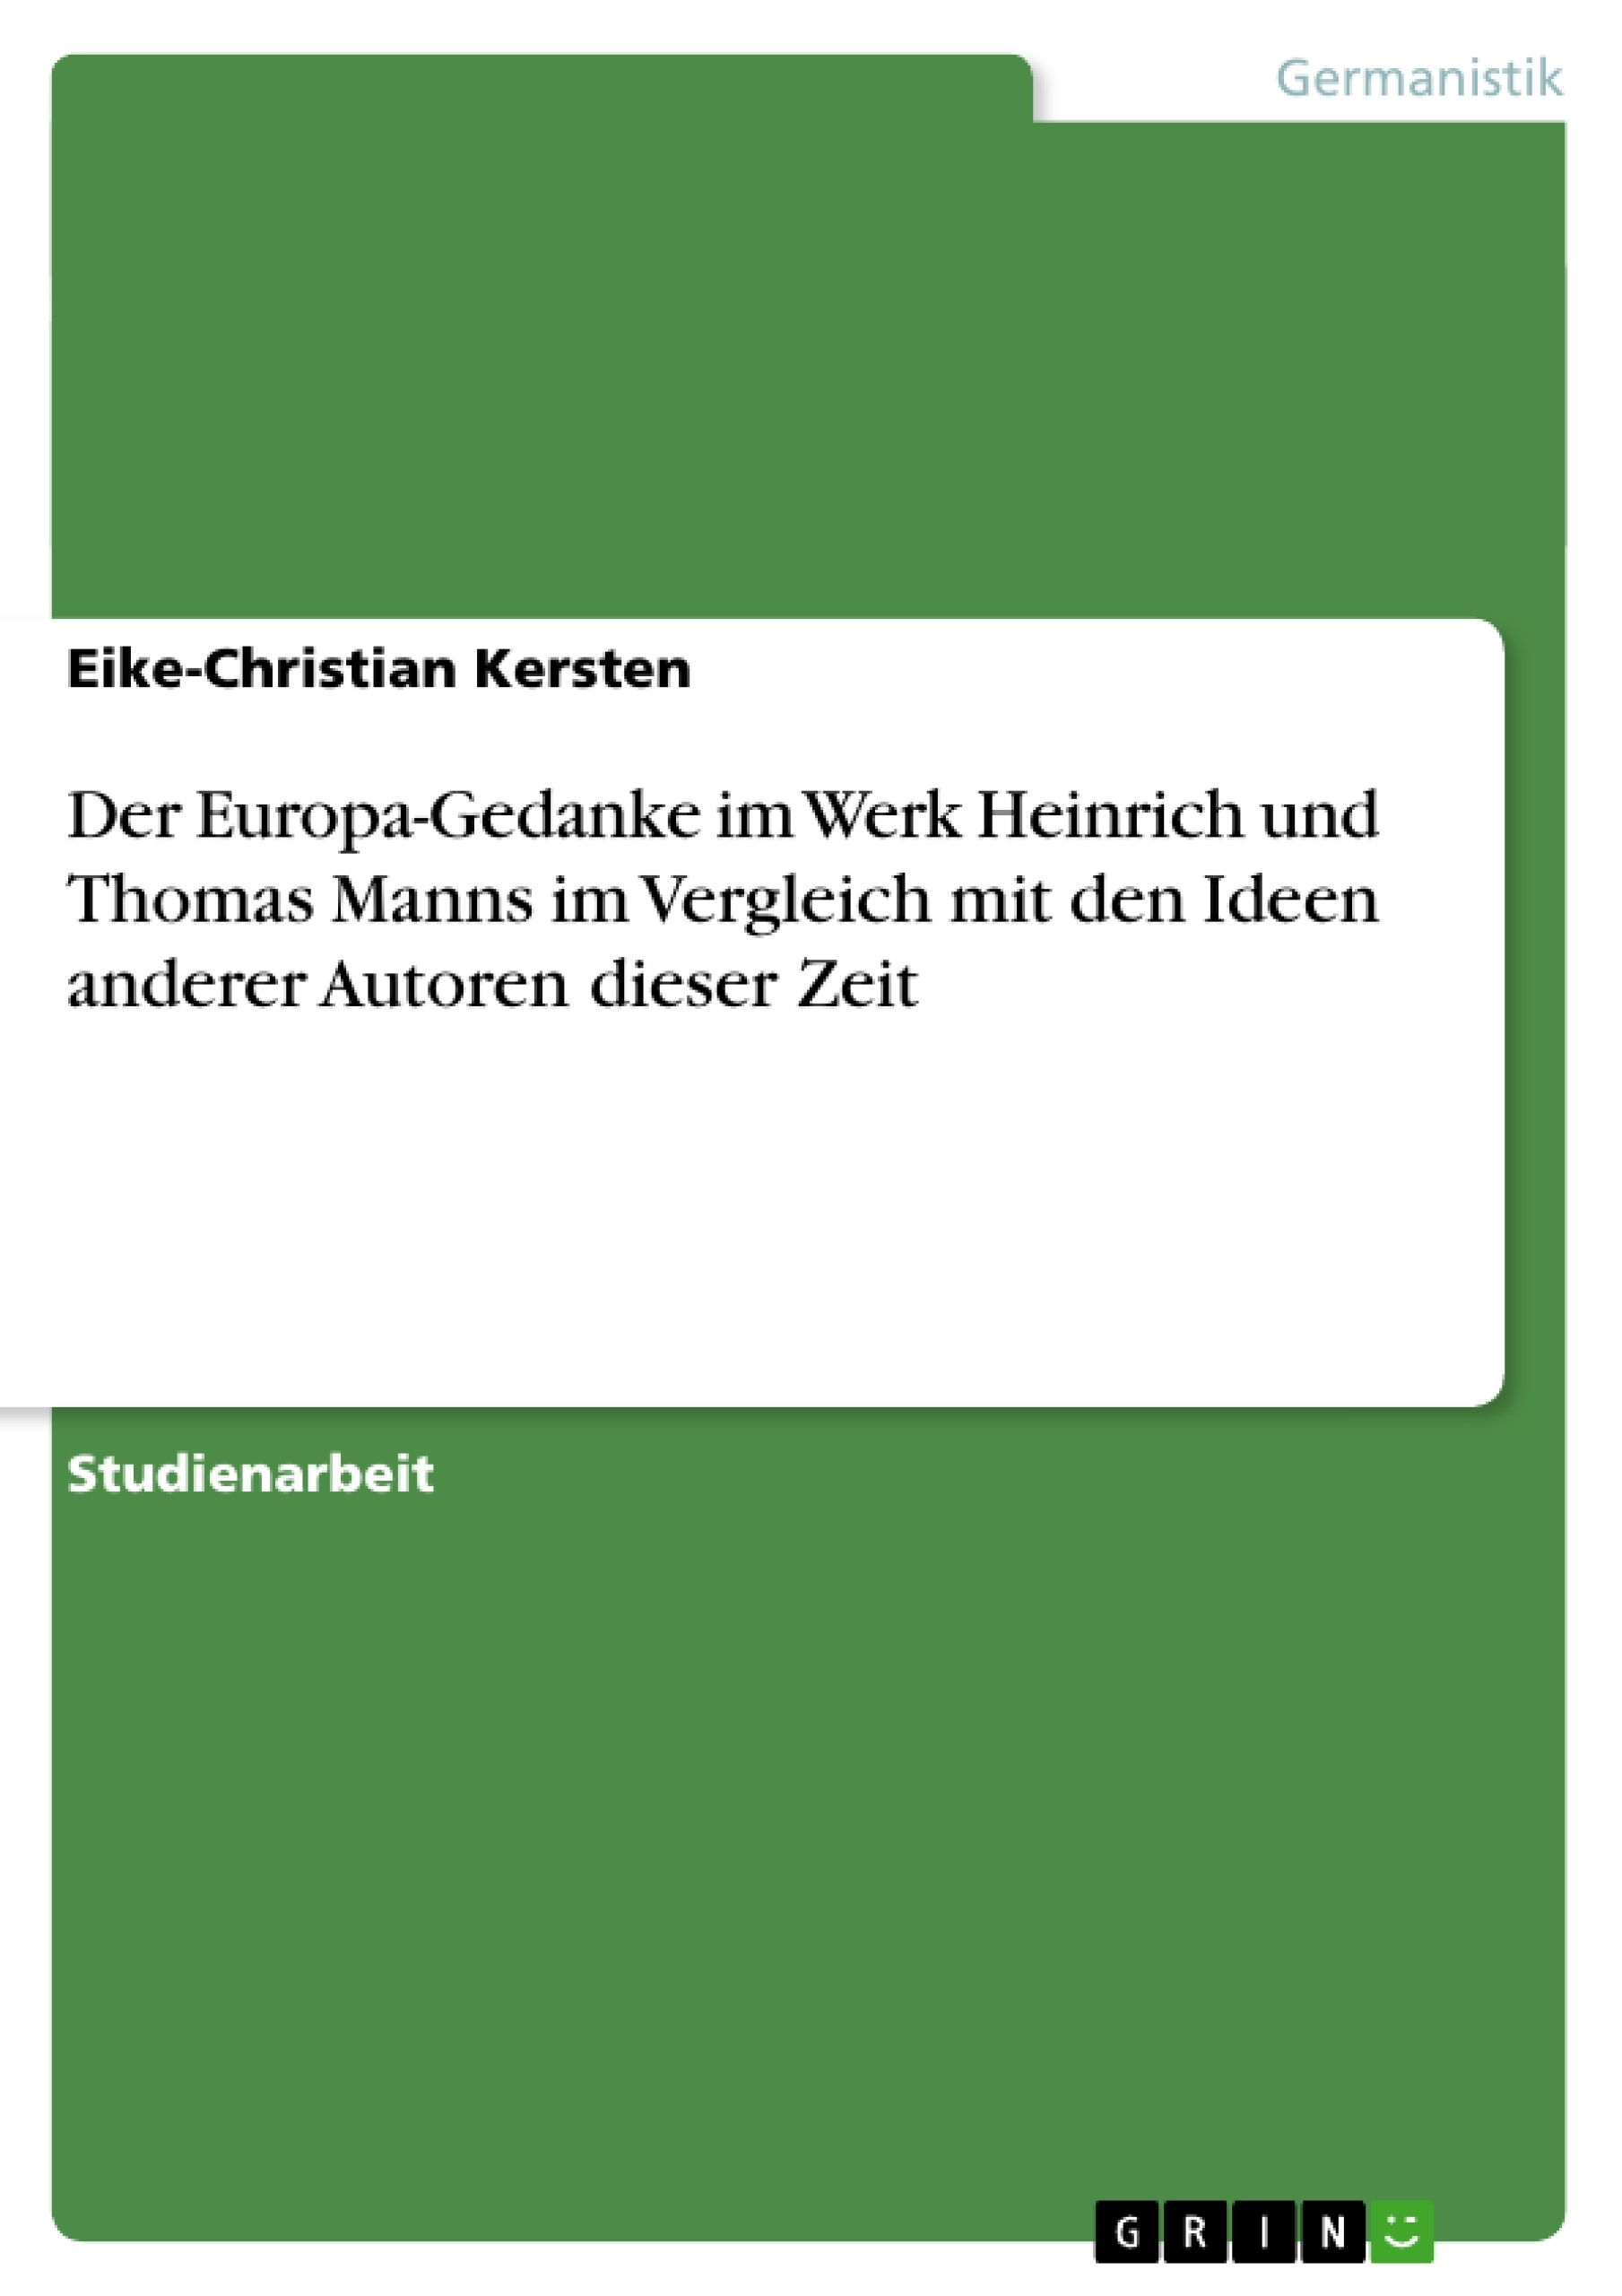 Titel: Der Europa-Gedanke im Werk Heinrich und Thomas Manns im Vergleich mit den Ideen anderer Autoren dieser Zeit